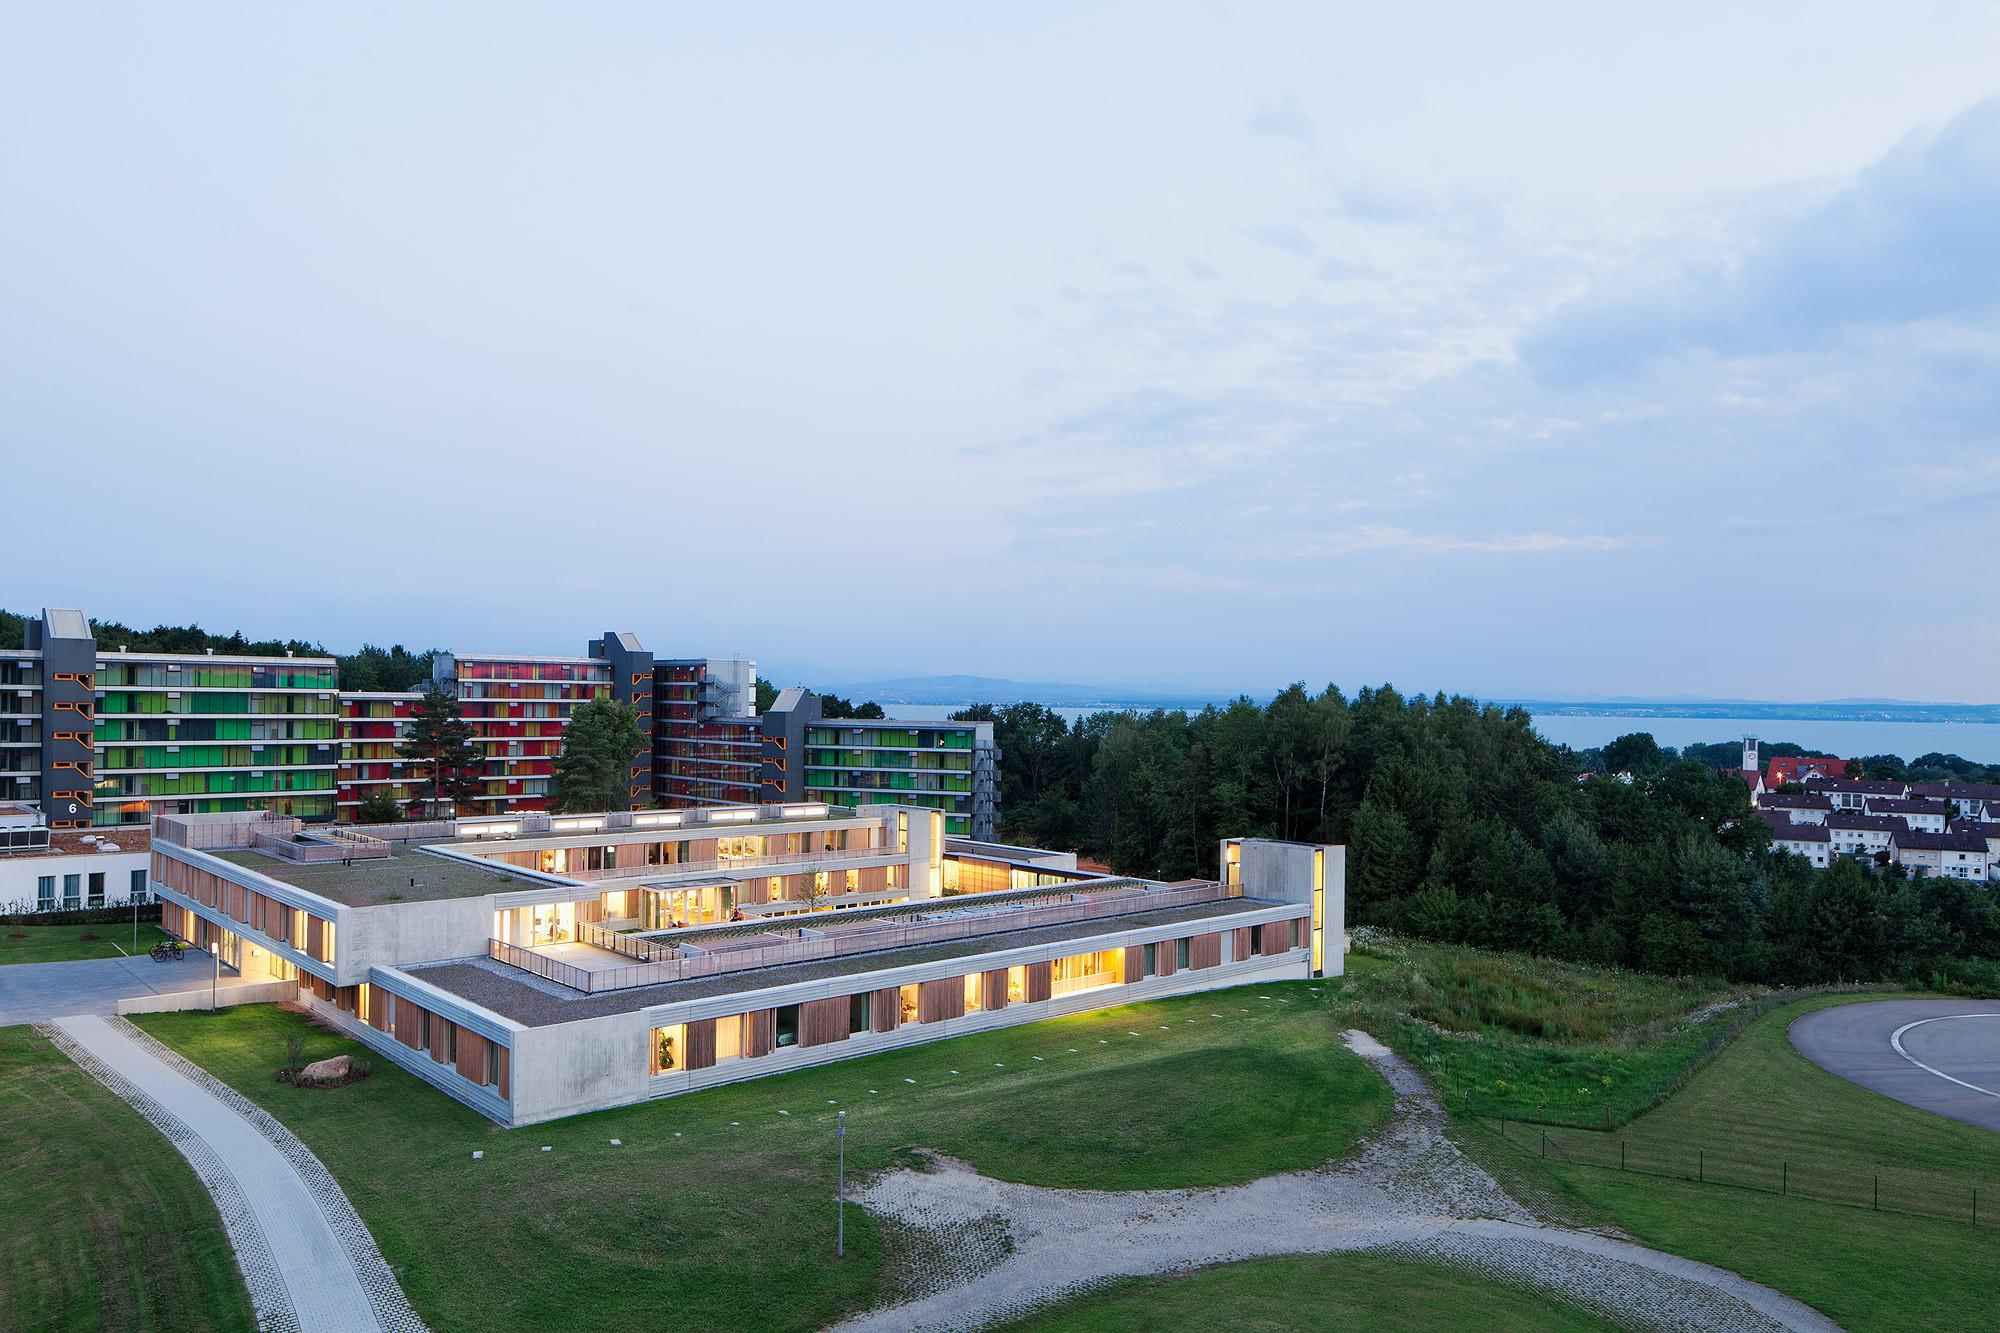 Psychiatric Centre Friedrichshafen / Huber Staudt Architekten, © Werner Huthmacher